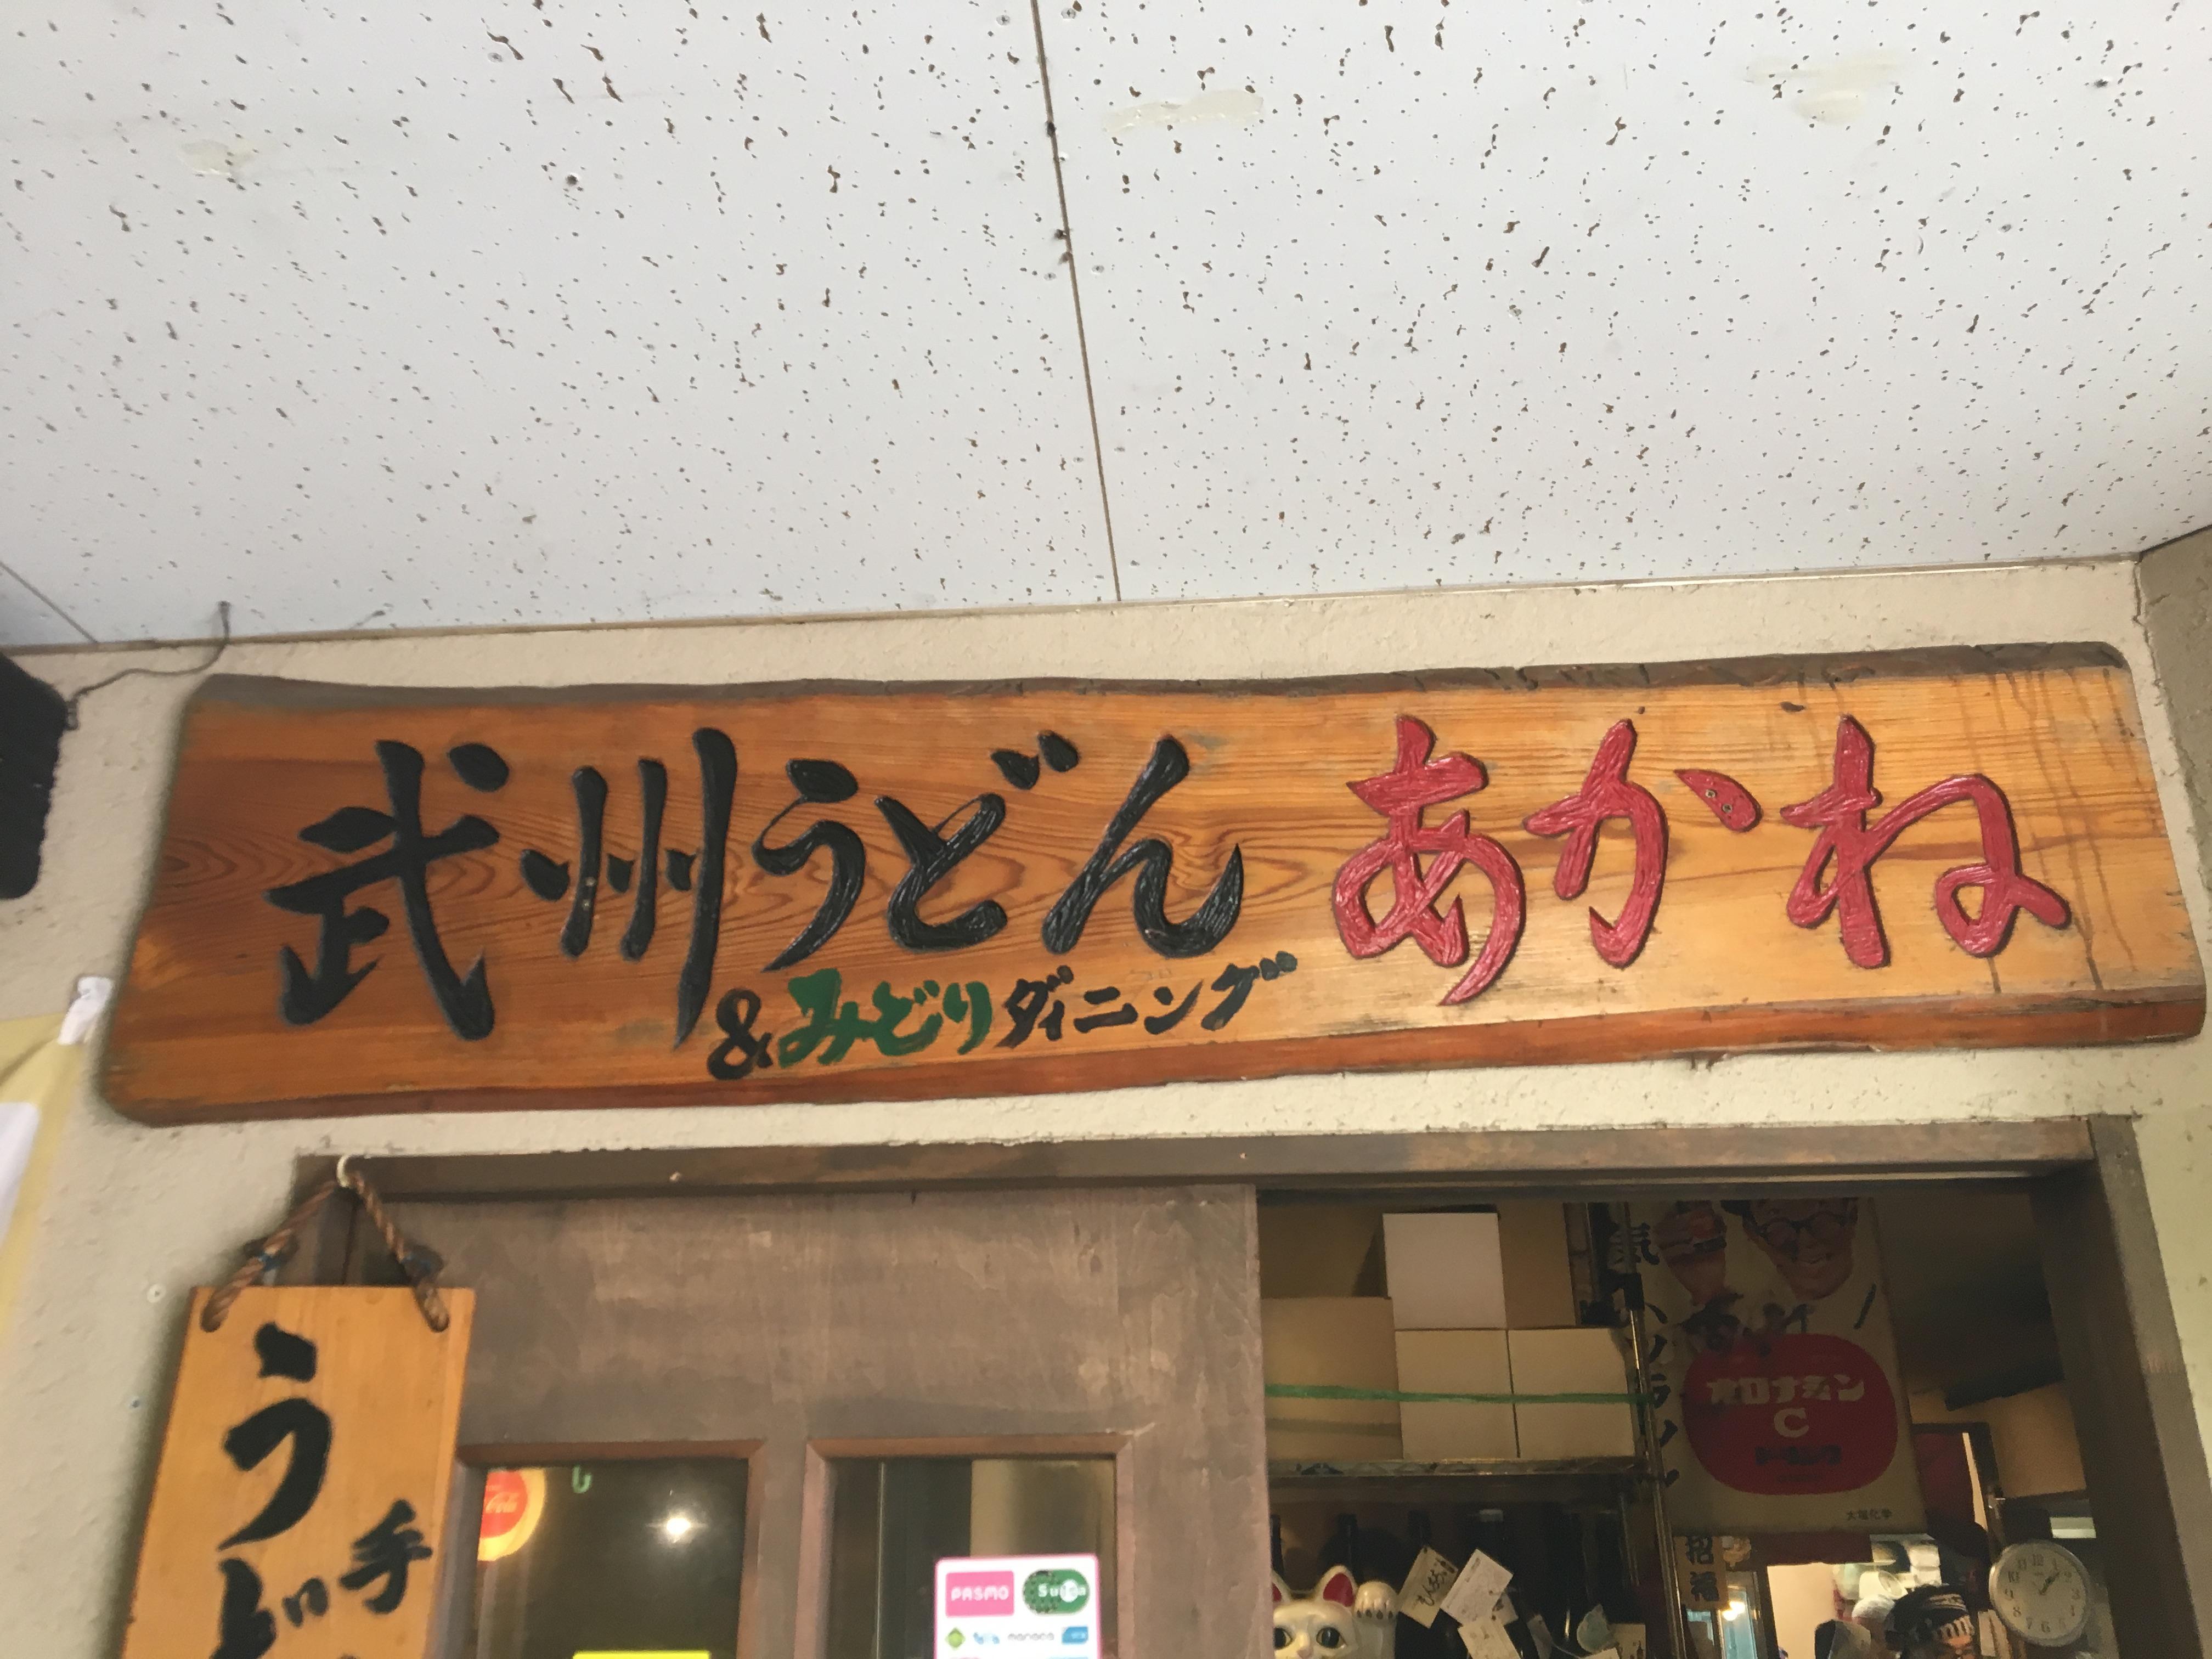 準うどん県埼玉 ハンバーグセットが名物の武州うどんあかね